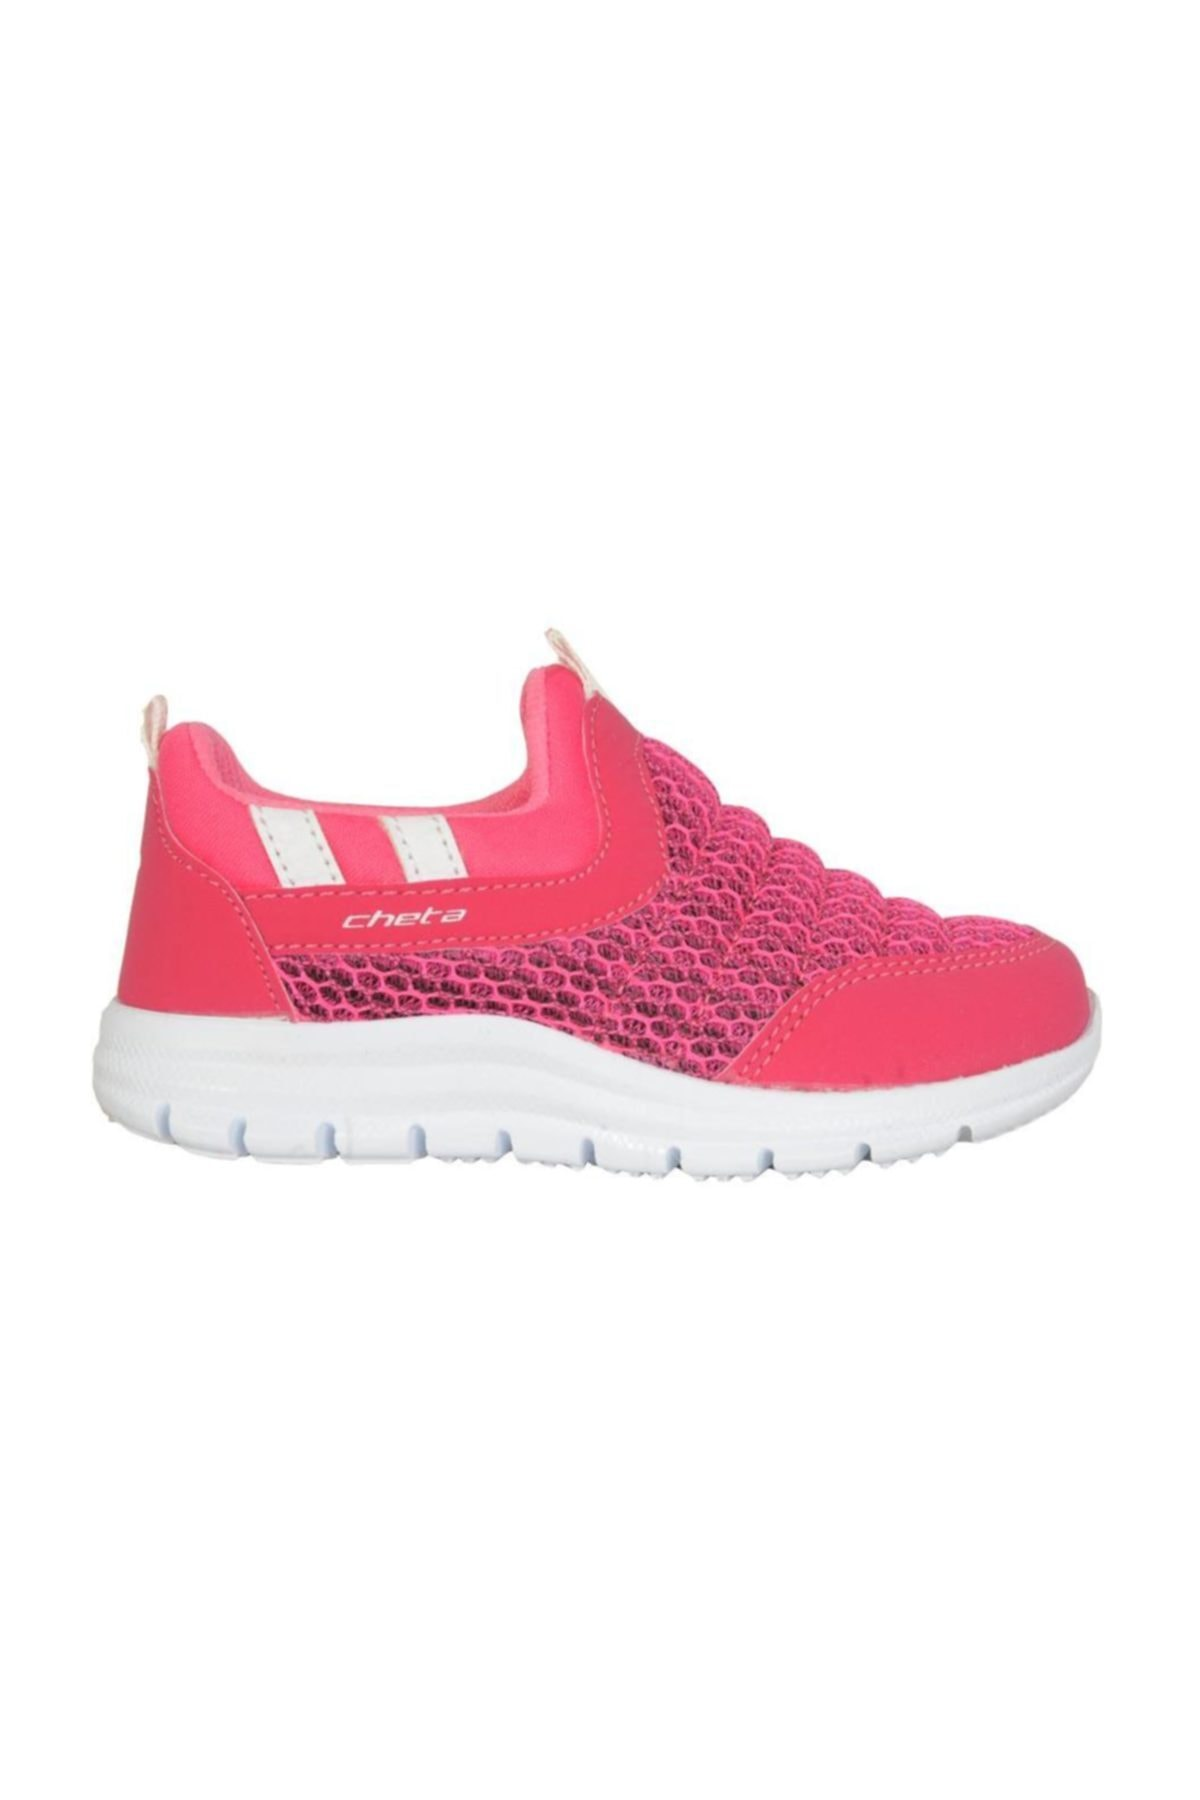 Cheta C91240 Pembe Bağsız Yazlık Kız Çocuk Spor Ayakkabı 1